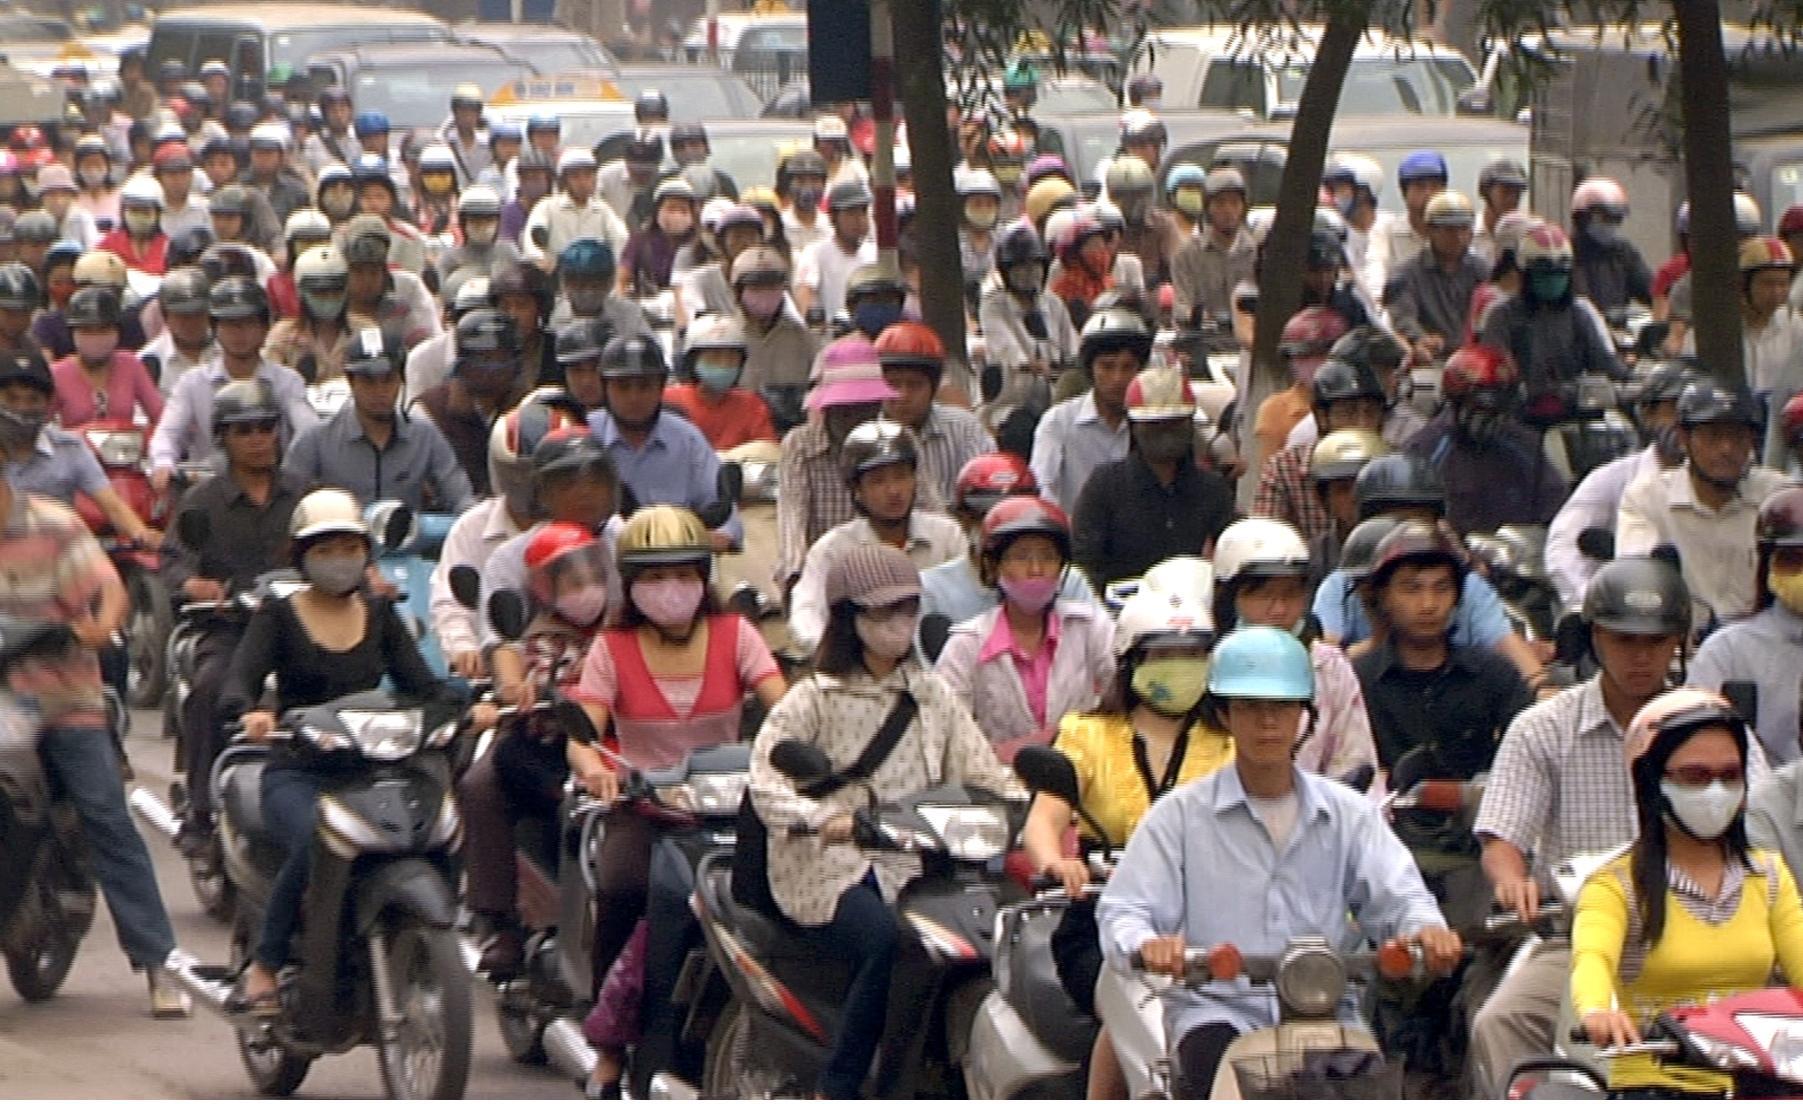 Quy định đối với người điều khiển, người ngồi trên xe mô tô, xe gắn máy